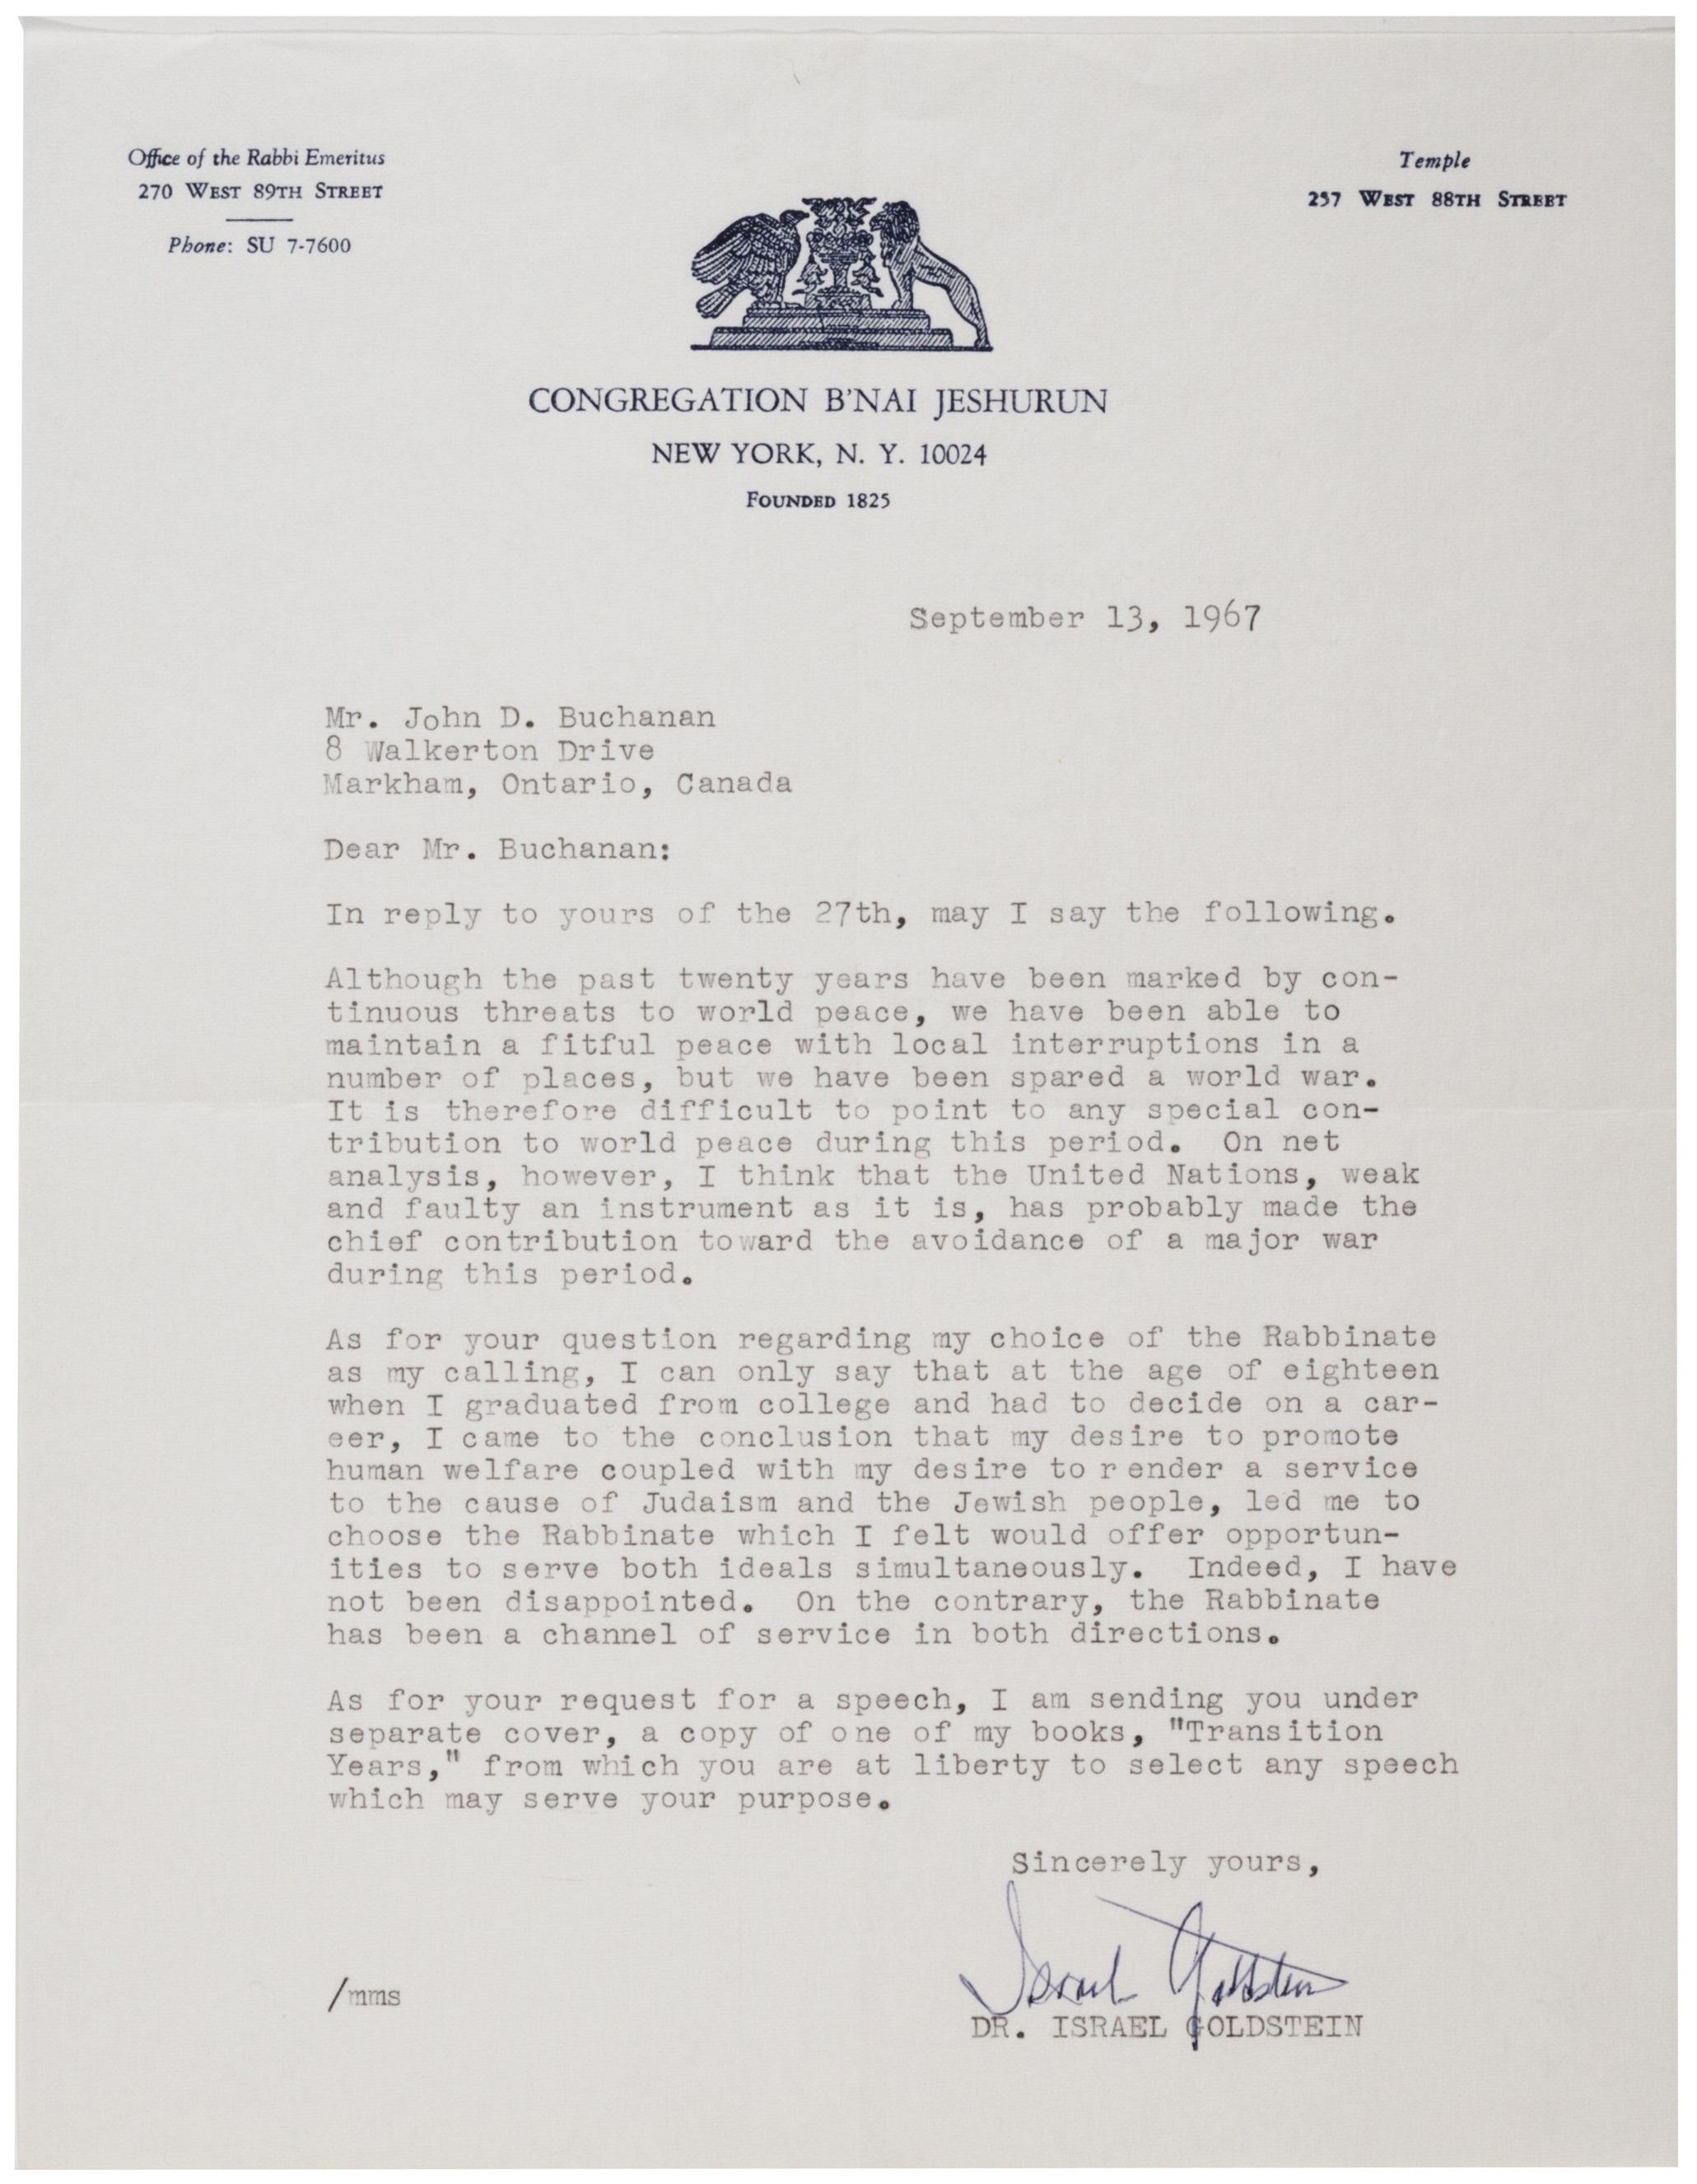 Israel Goldstein to John D. Buchanan, September 13, 1967. (GLC05508.111)